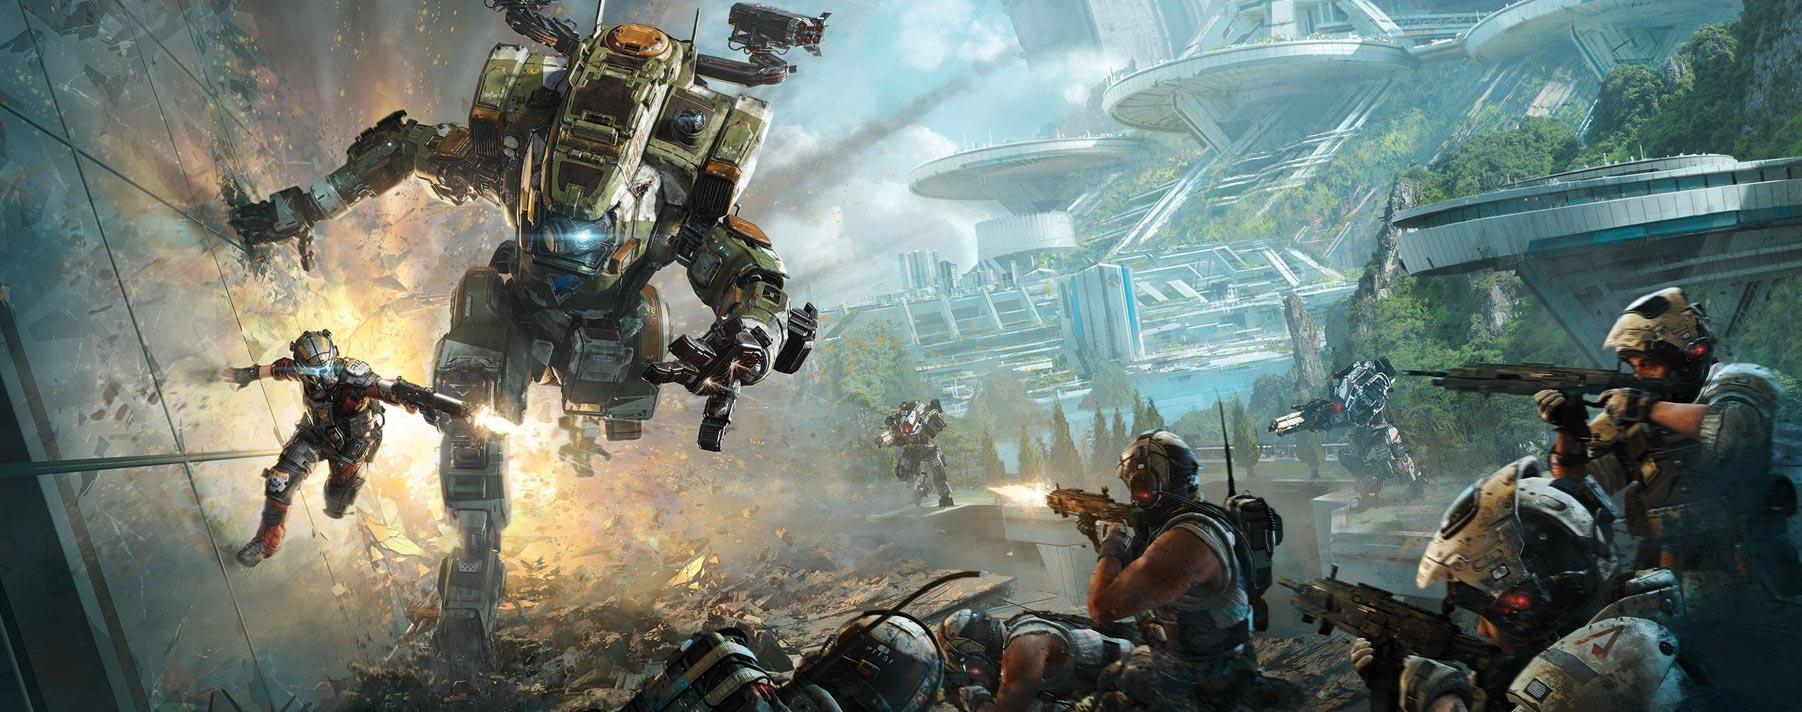 Titanfall. De género shooter en el que los jugadores lucharán en partidas multijugador online ambientadas en distintos planetas devastados por la guerra.